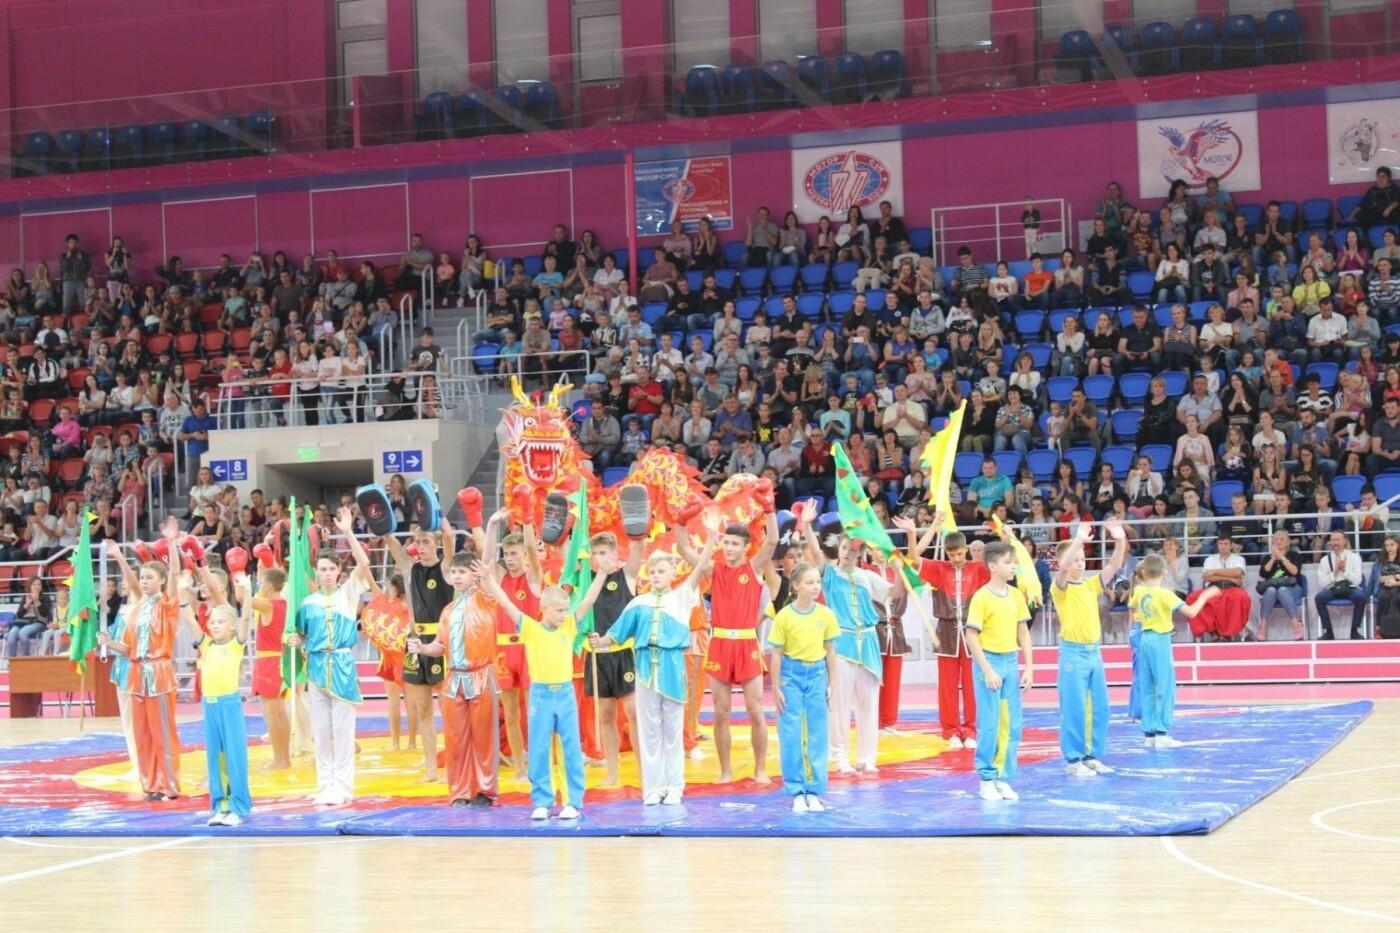 В «Юности» спортивные школы города показали шоу, - ФОТО, фото-8